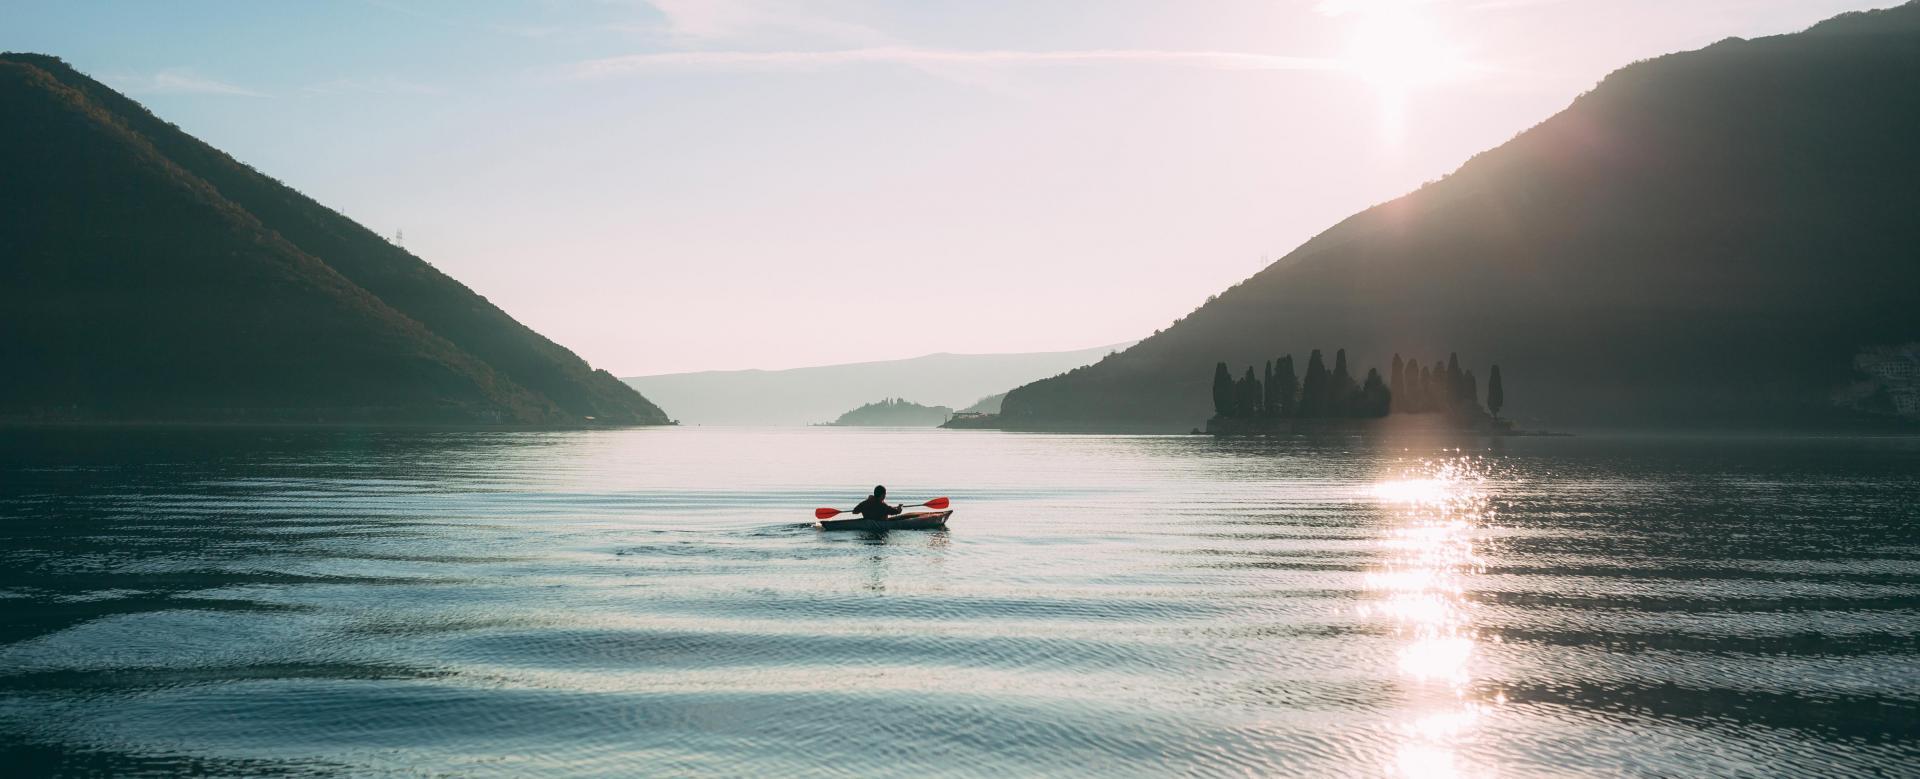 Voyage sur l'eau : Québec : Rando-kayak en baie georgienne